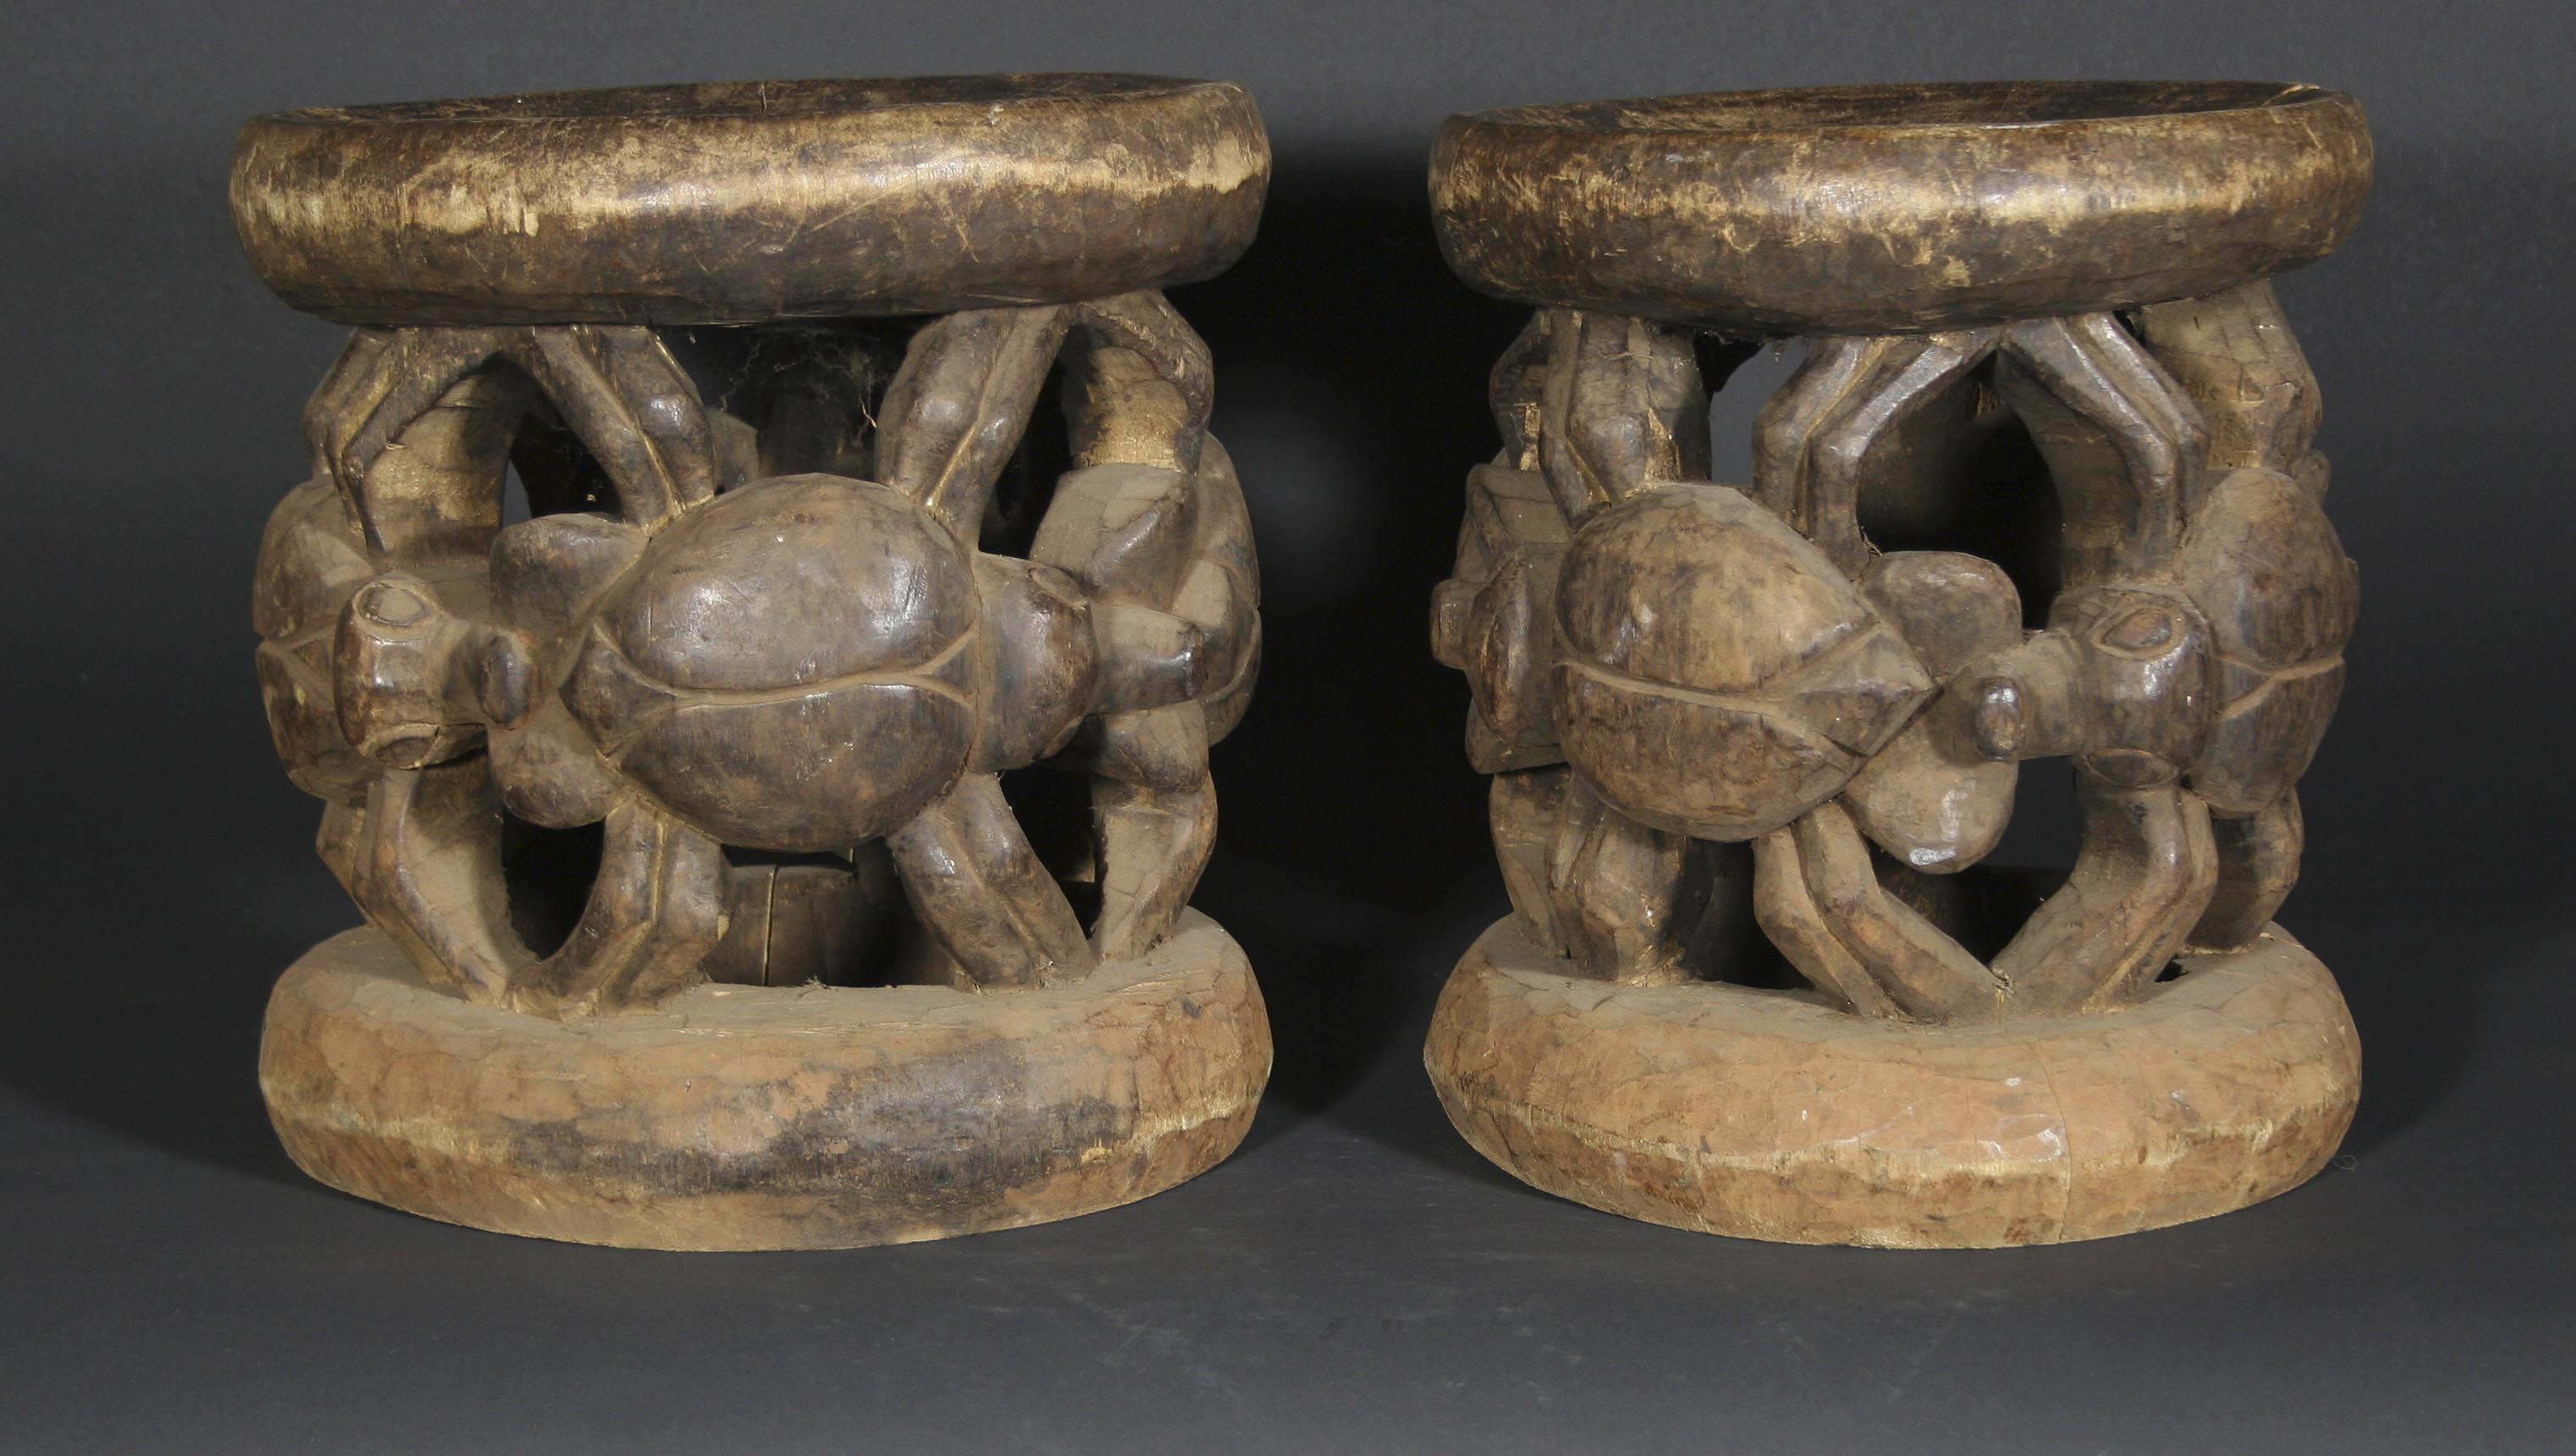 Bamileke pair 11 diam 11.5 tall (1)